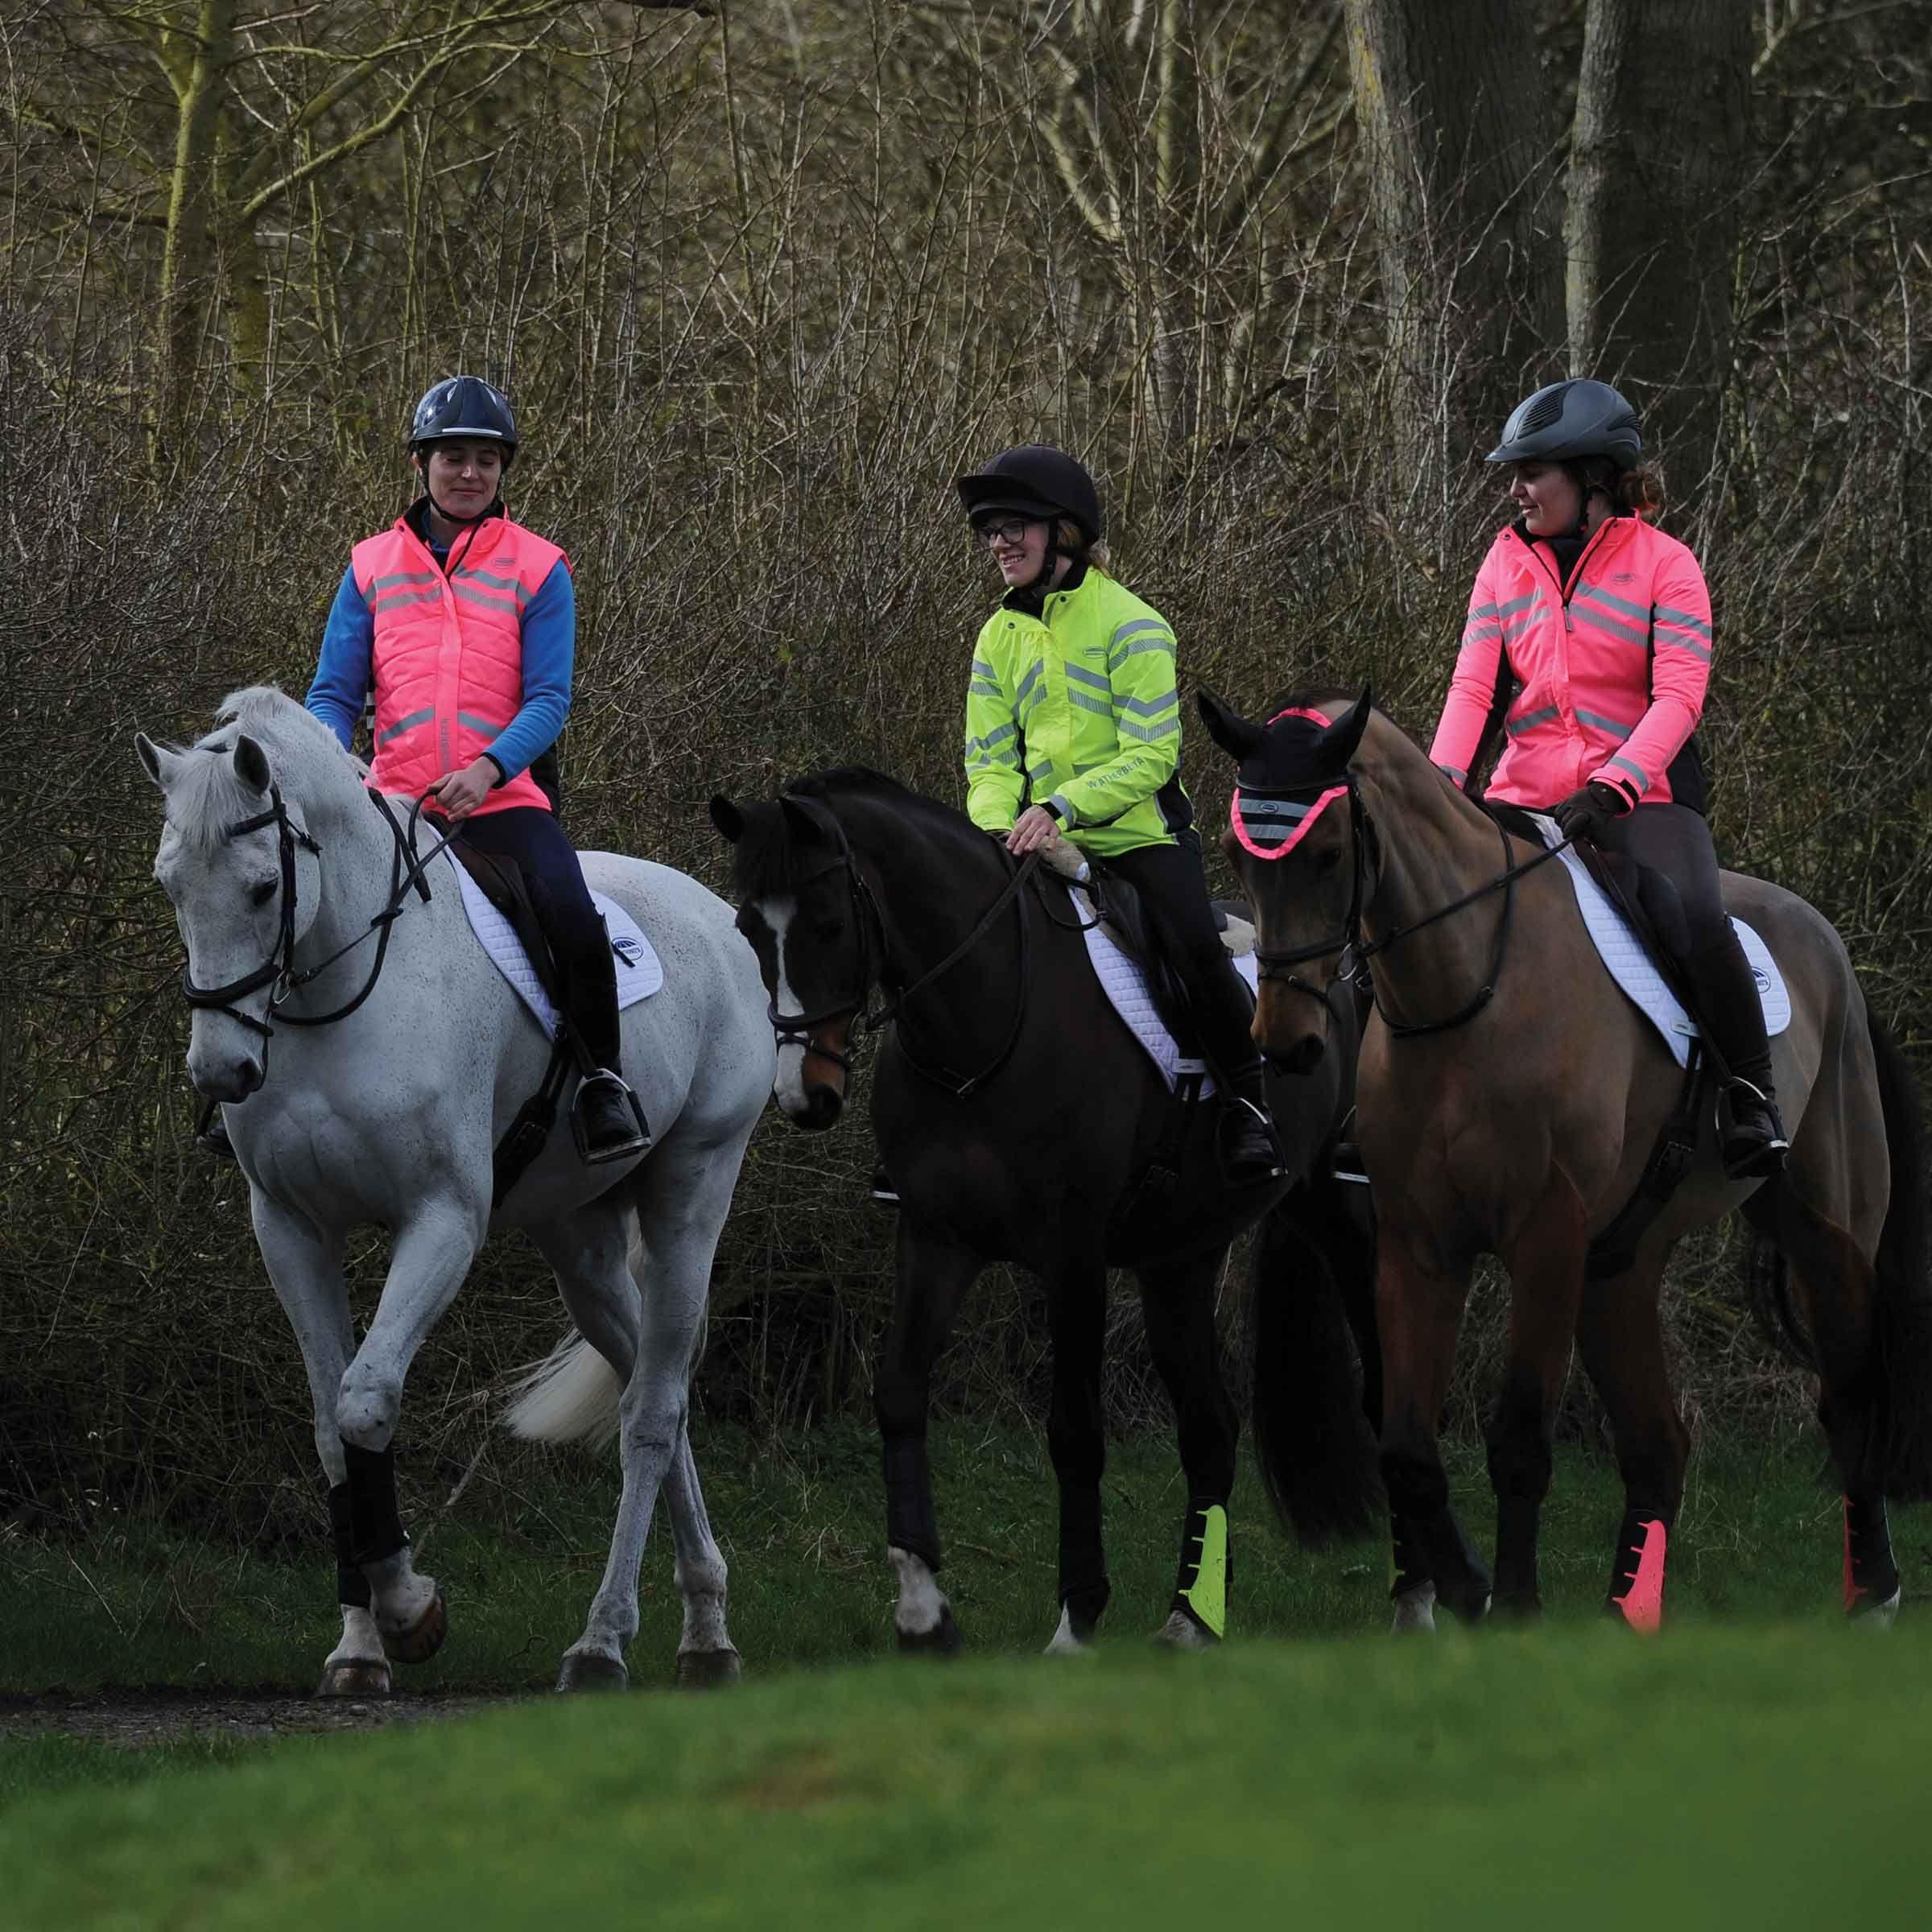 5 reasons horse riders should always wear hi-vis